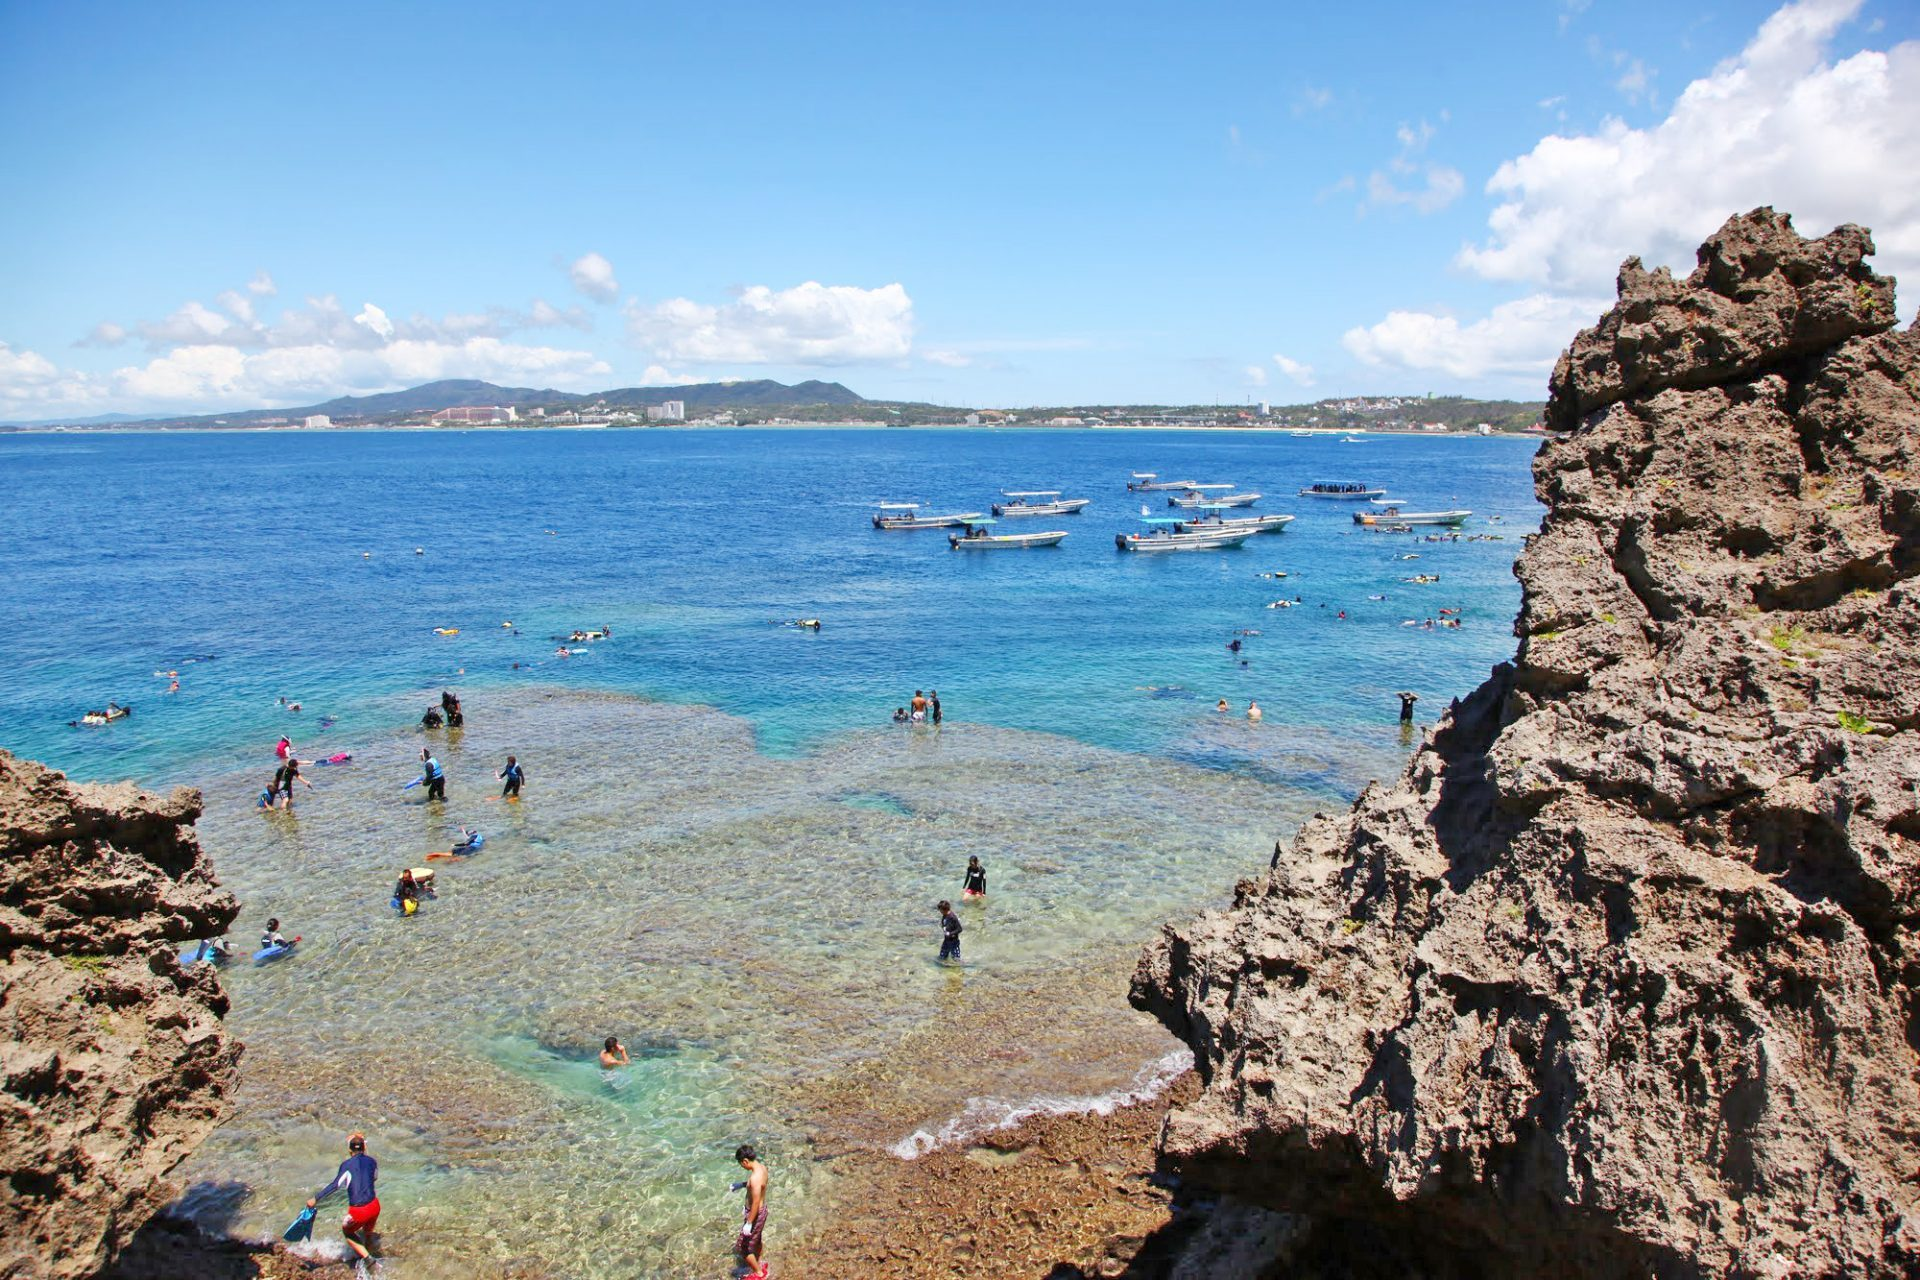 真栄田岬 おすすめ スポット 恩納村 観光 旅行 沖縄